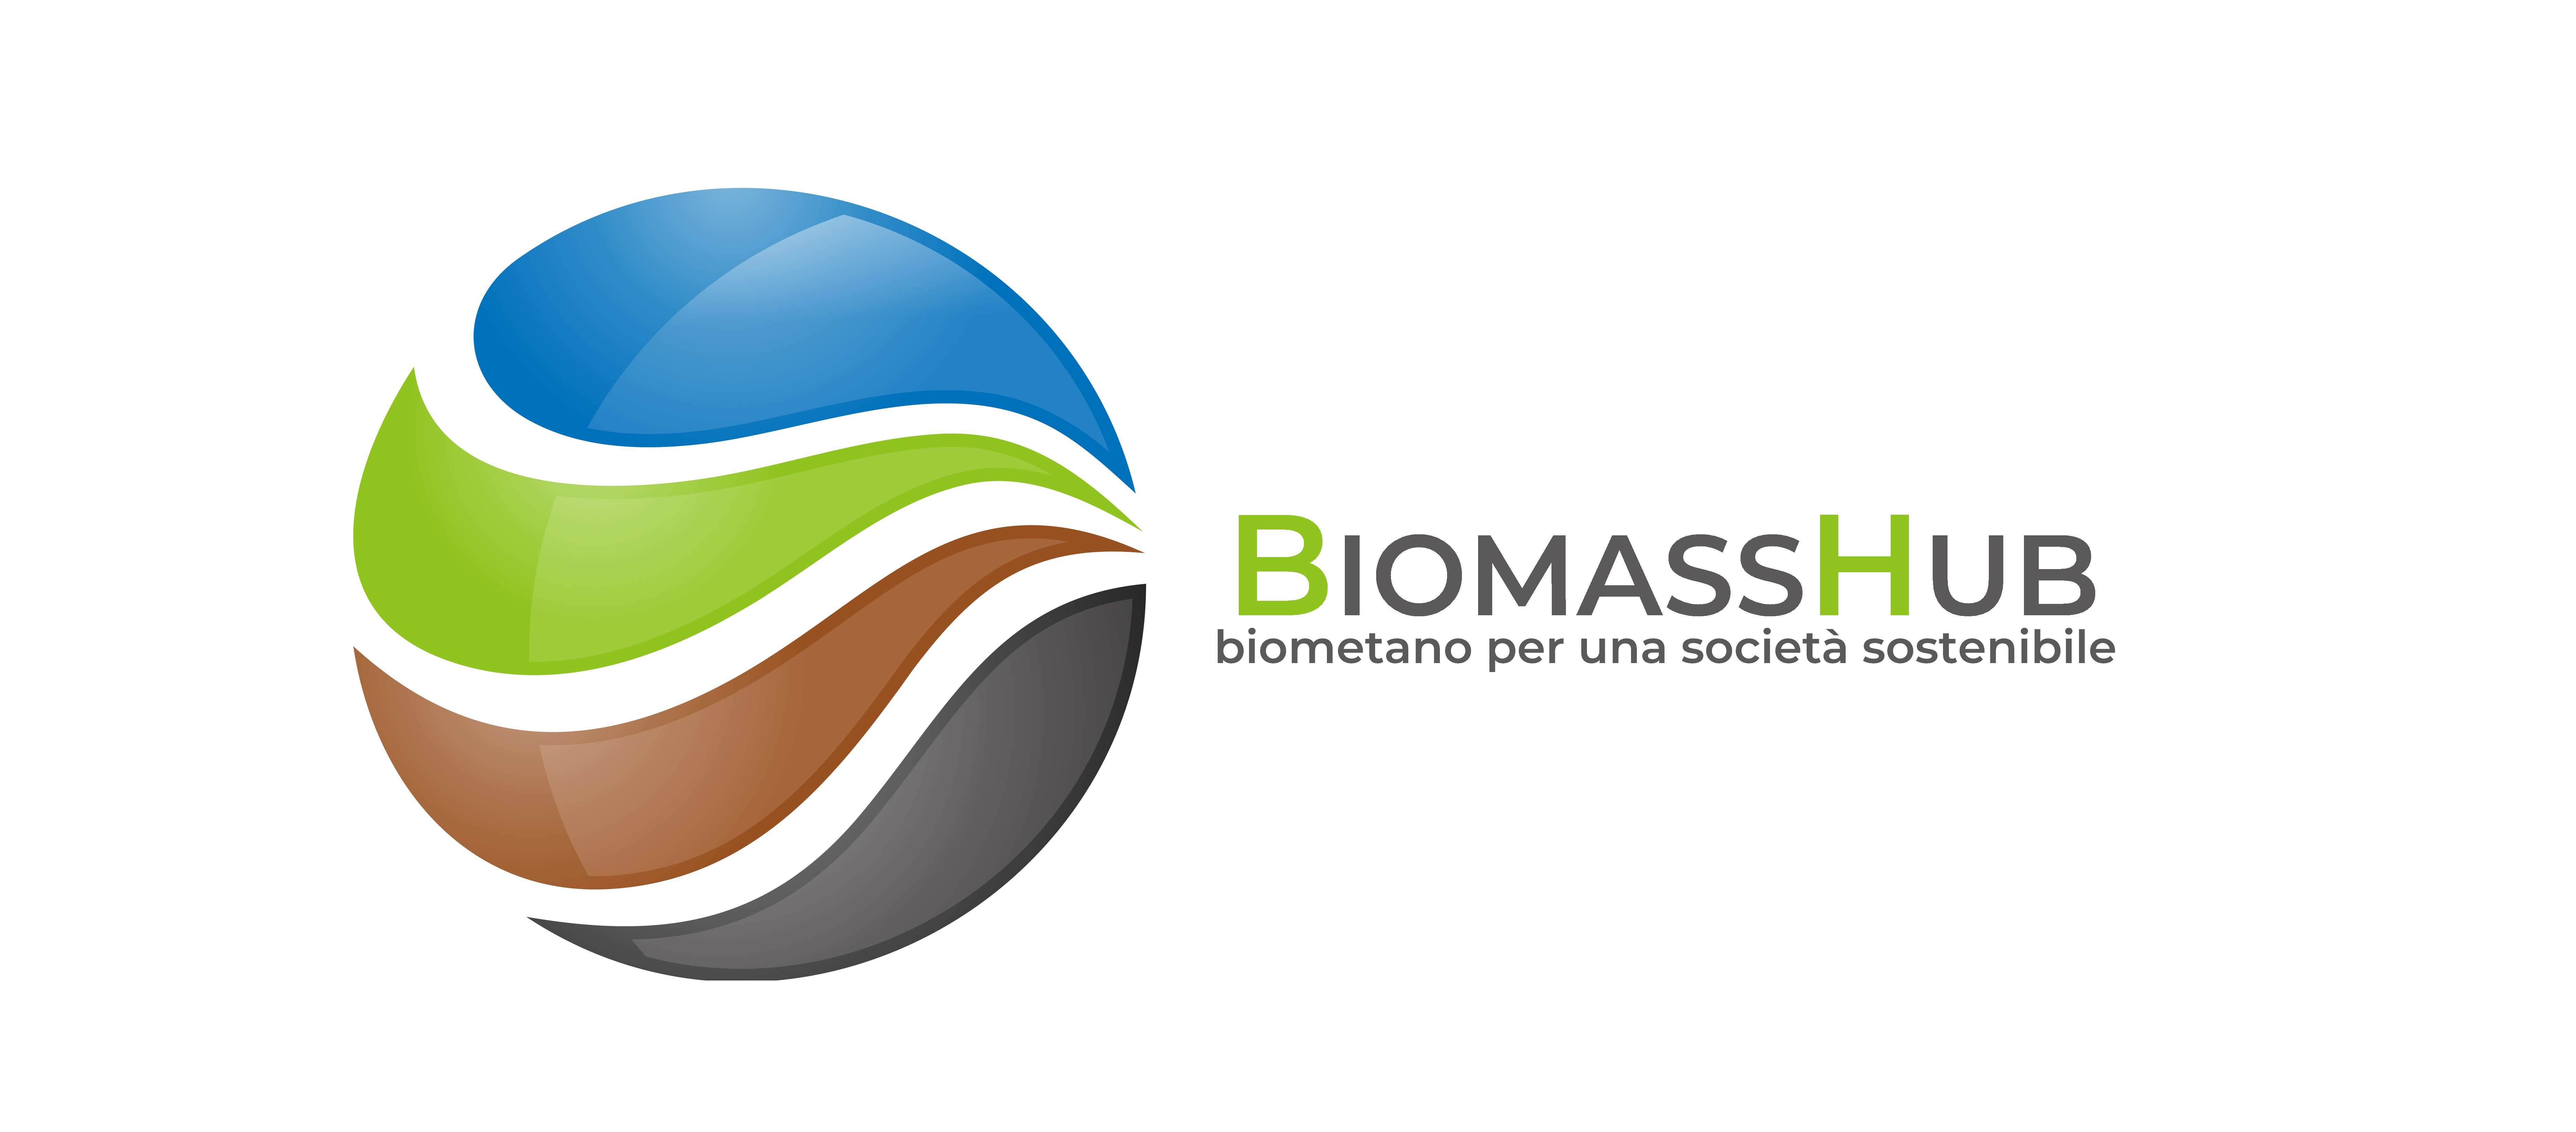 BIOMASShub_logo3.jpg